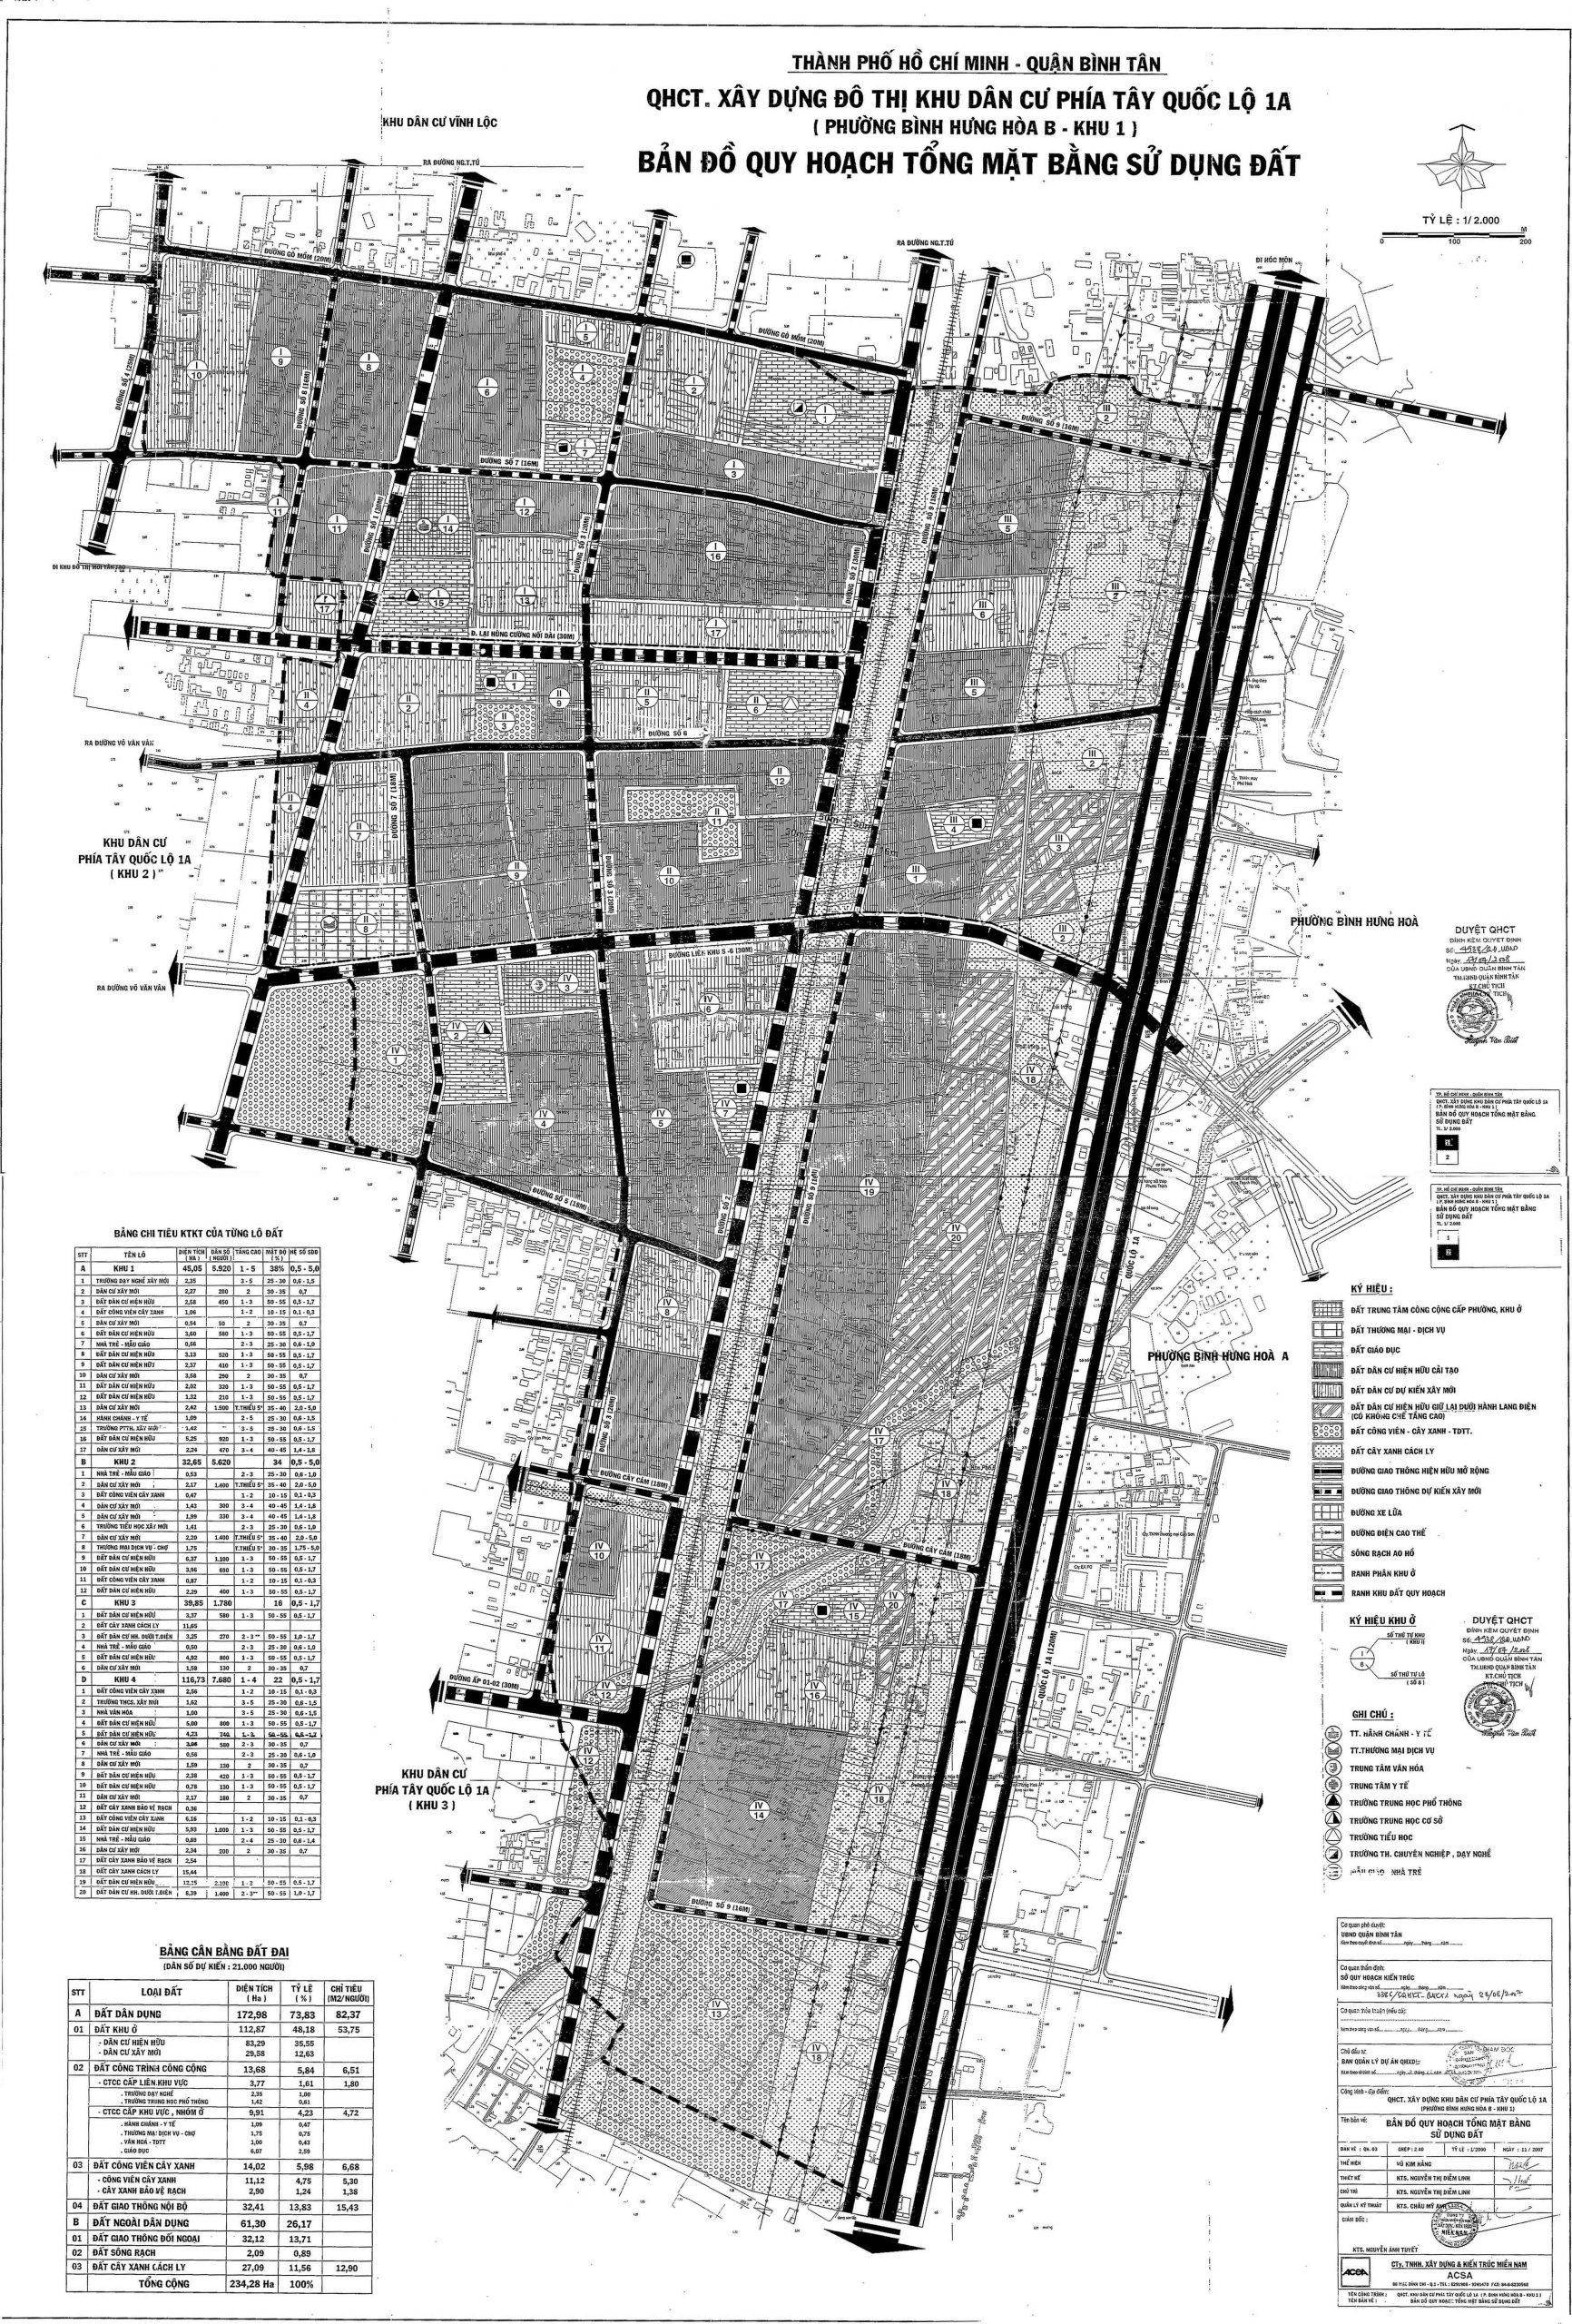 Bản đồ quy hoạch tổng mặt bằng sử dụng đất tại KDC phía Tây QL1A - Yeshouse